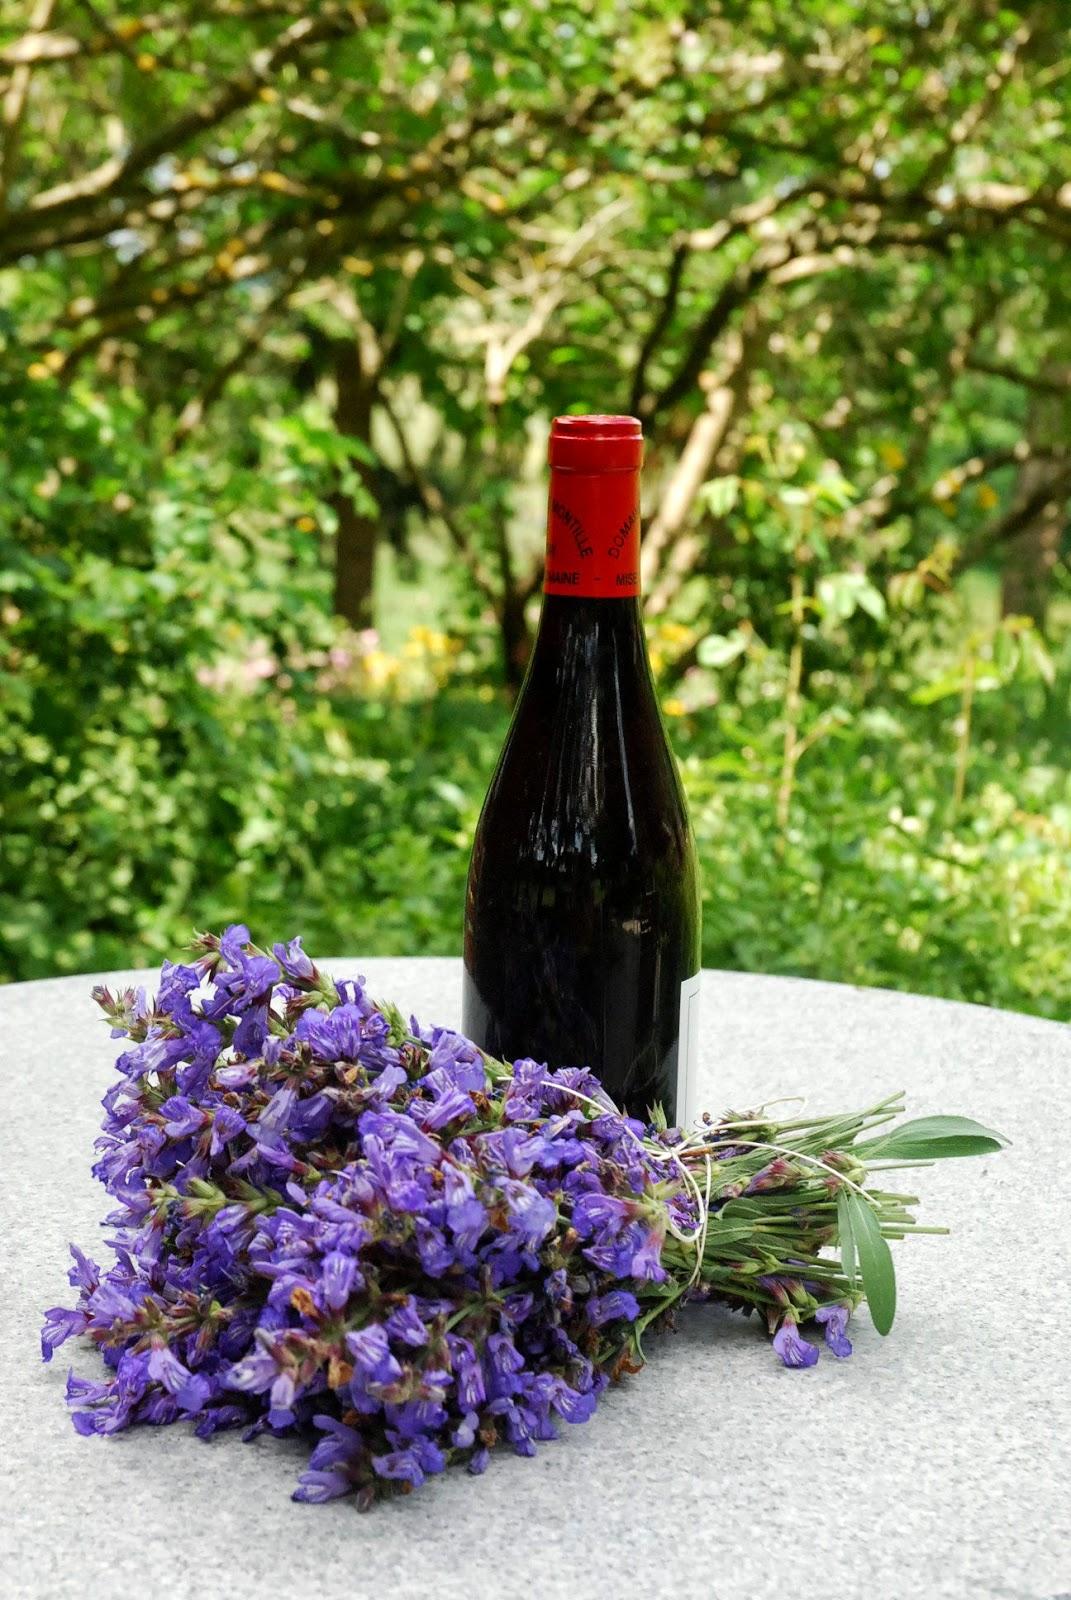 De confituren van marleen wijn met de bloempjes van salie - Ventilatie grot een vin ...